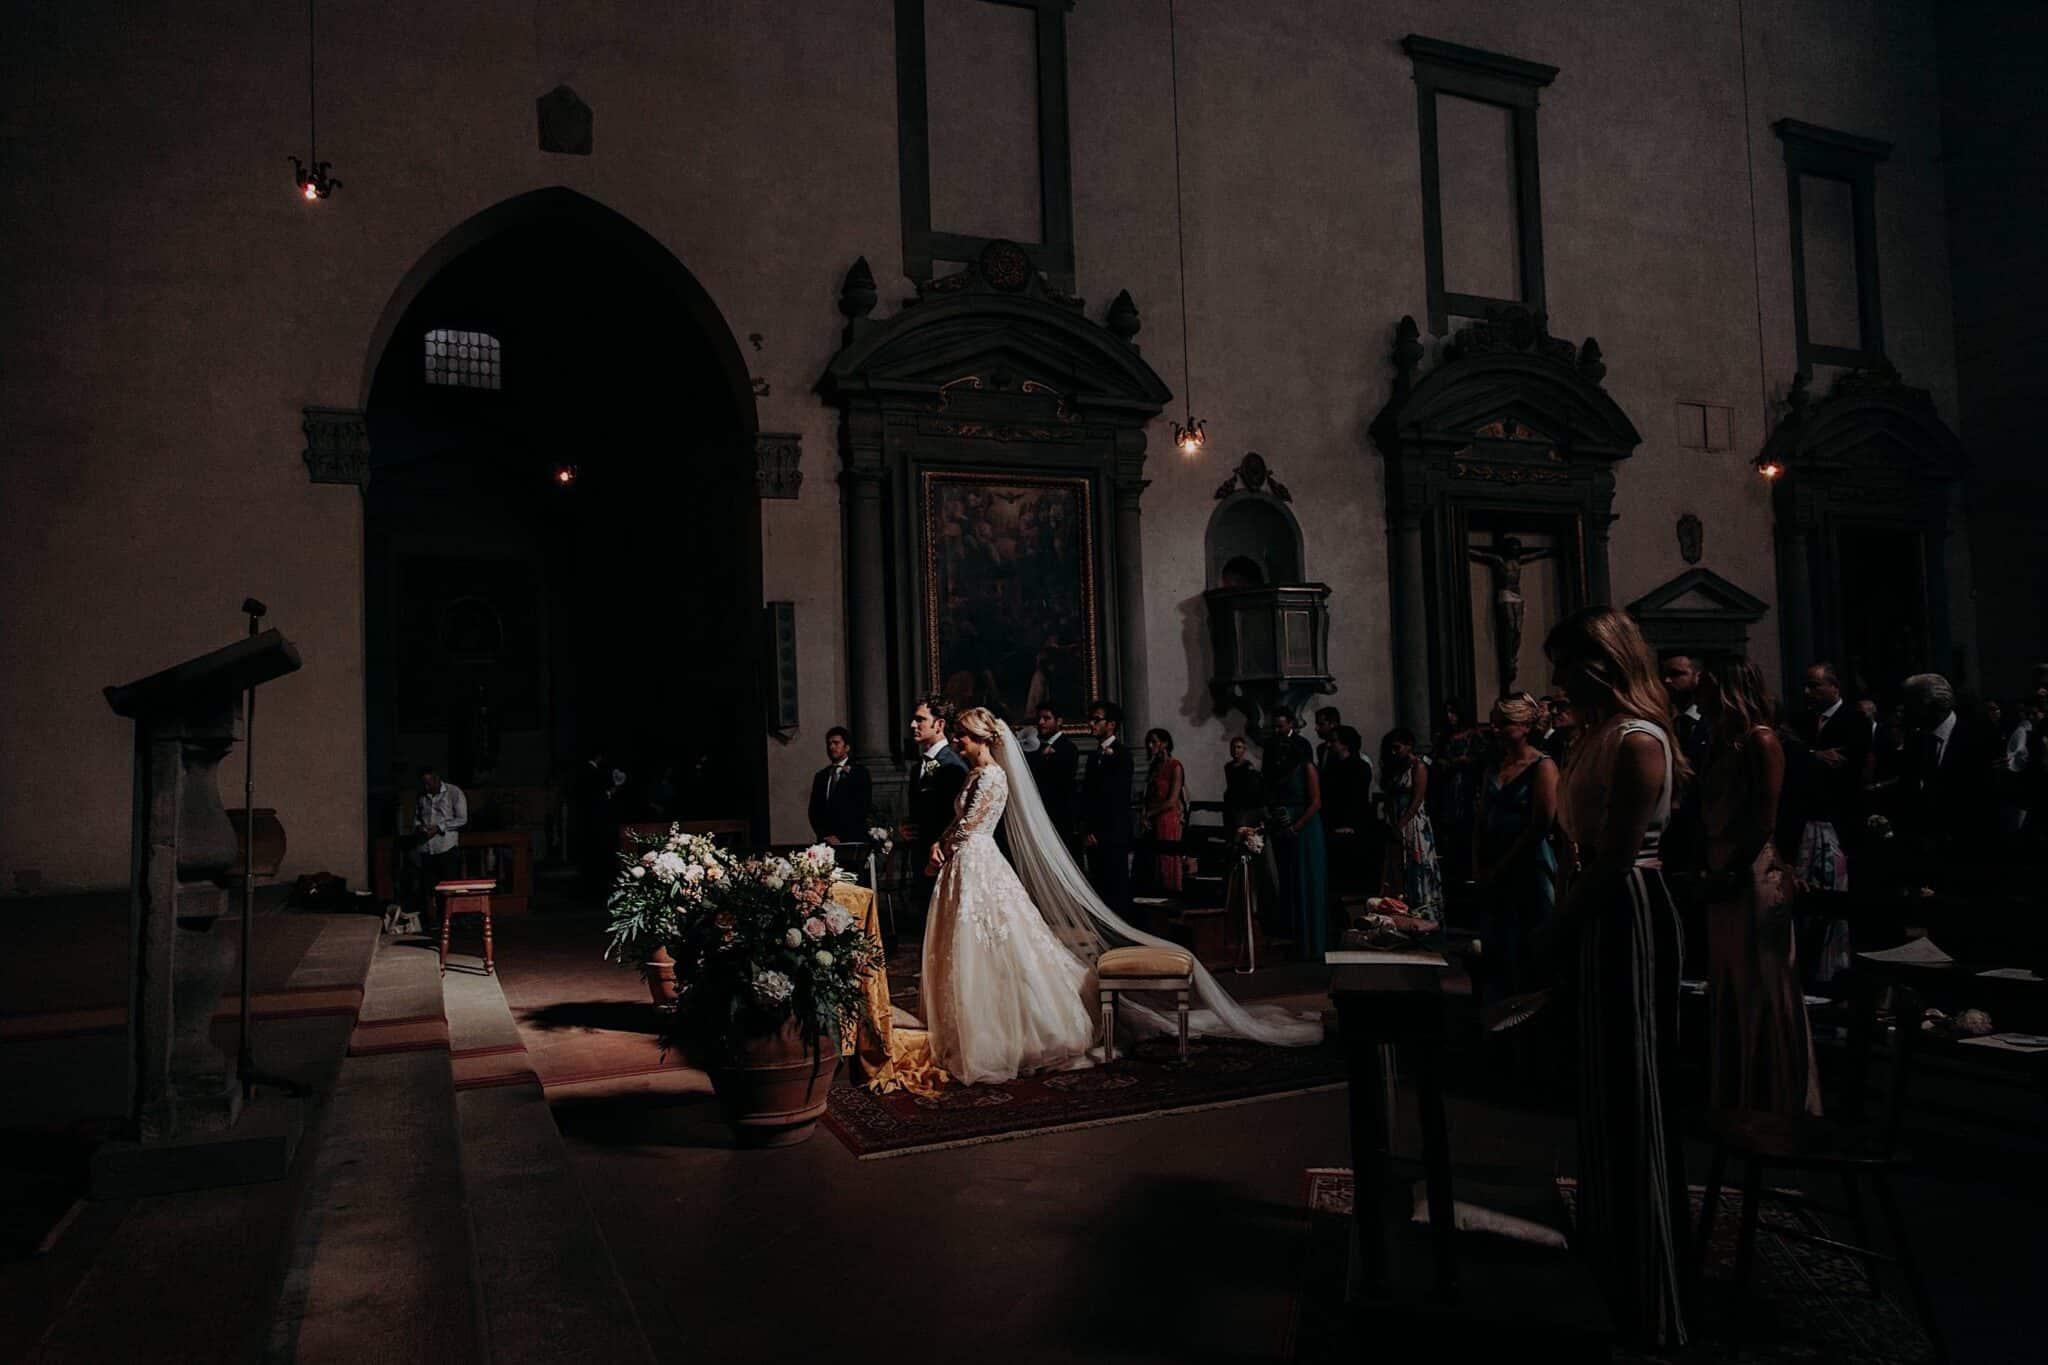 cerimonia nella chiesa di San Niccolò Sopr'Arno a Firenze